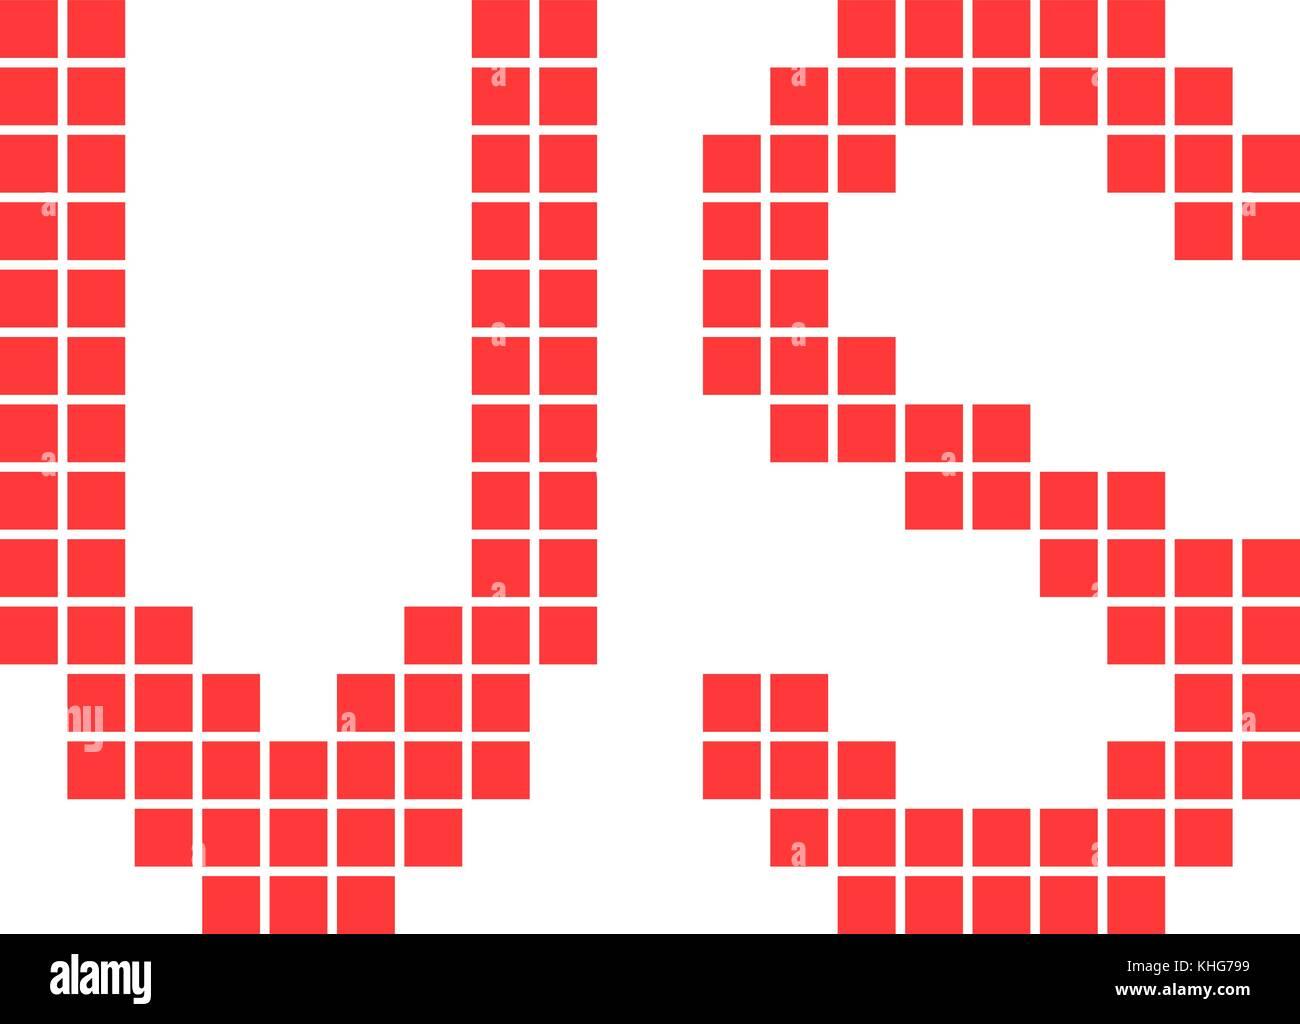 Vecteurs Vectoriels Pixel Art Photos Vecteurs Vectoriels